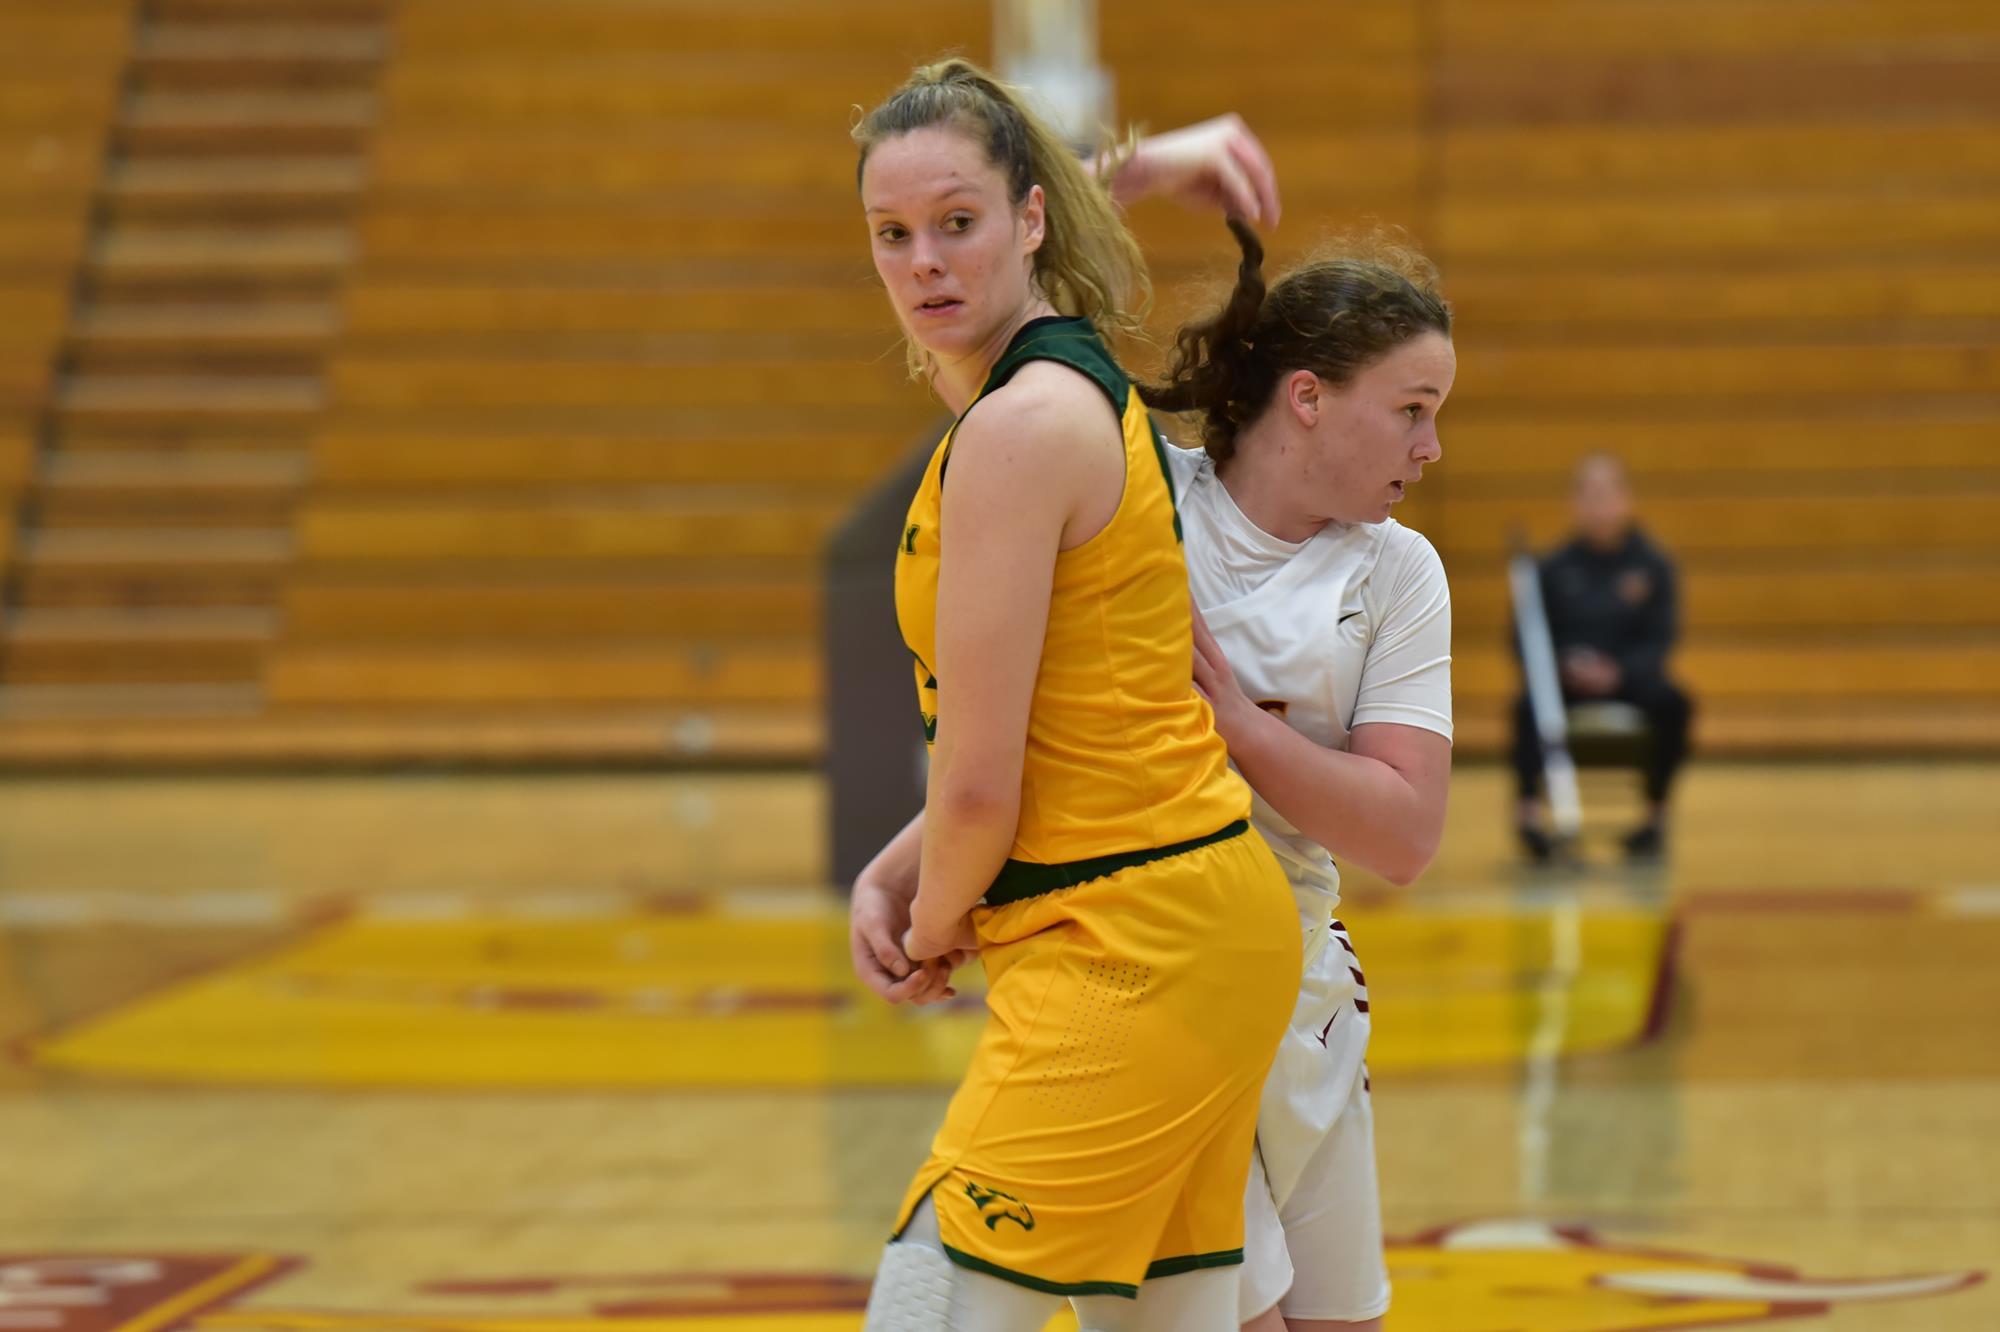 Kasey Smit - 2019 20 - Women'S Basketball - Cal Poly Throughout Cal Poly Pomona Academic Calendar 2021 20